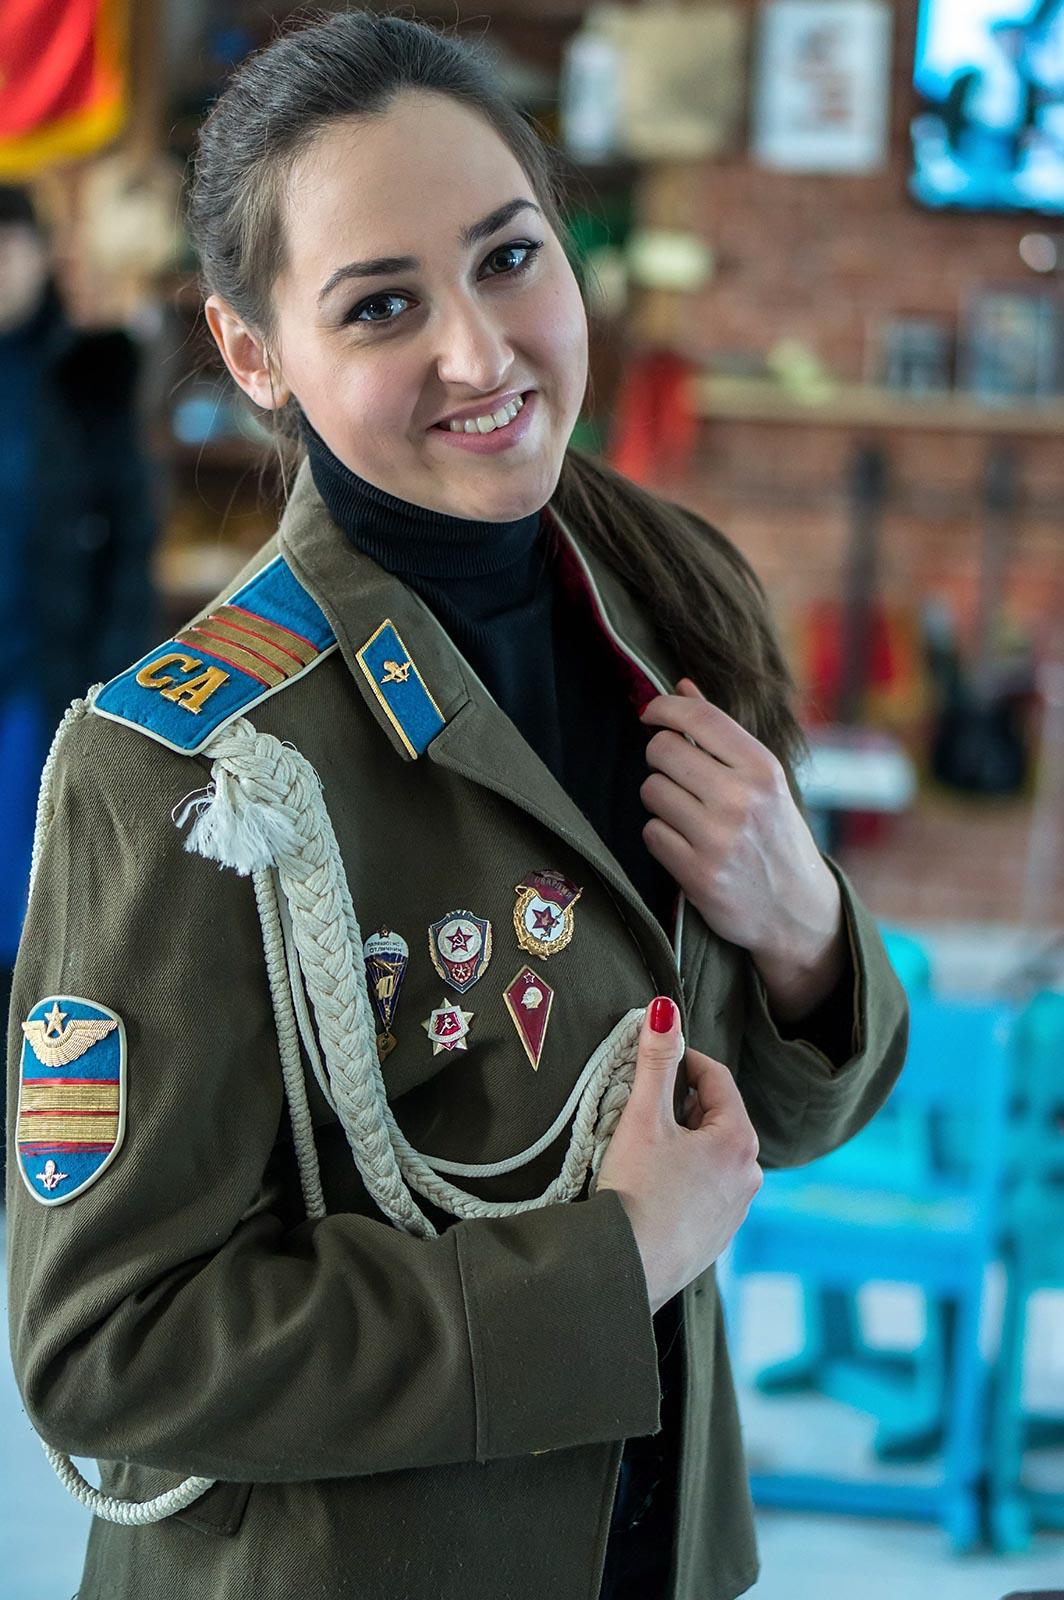 Фото №140586. Елена Моисеева в парадном кителе ВДВ